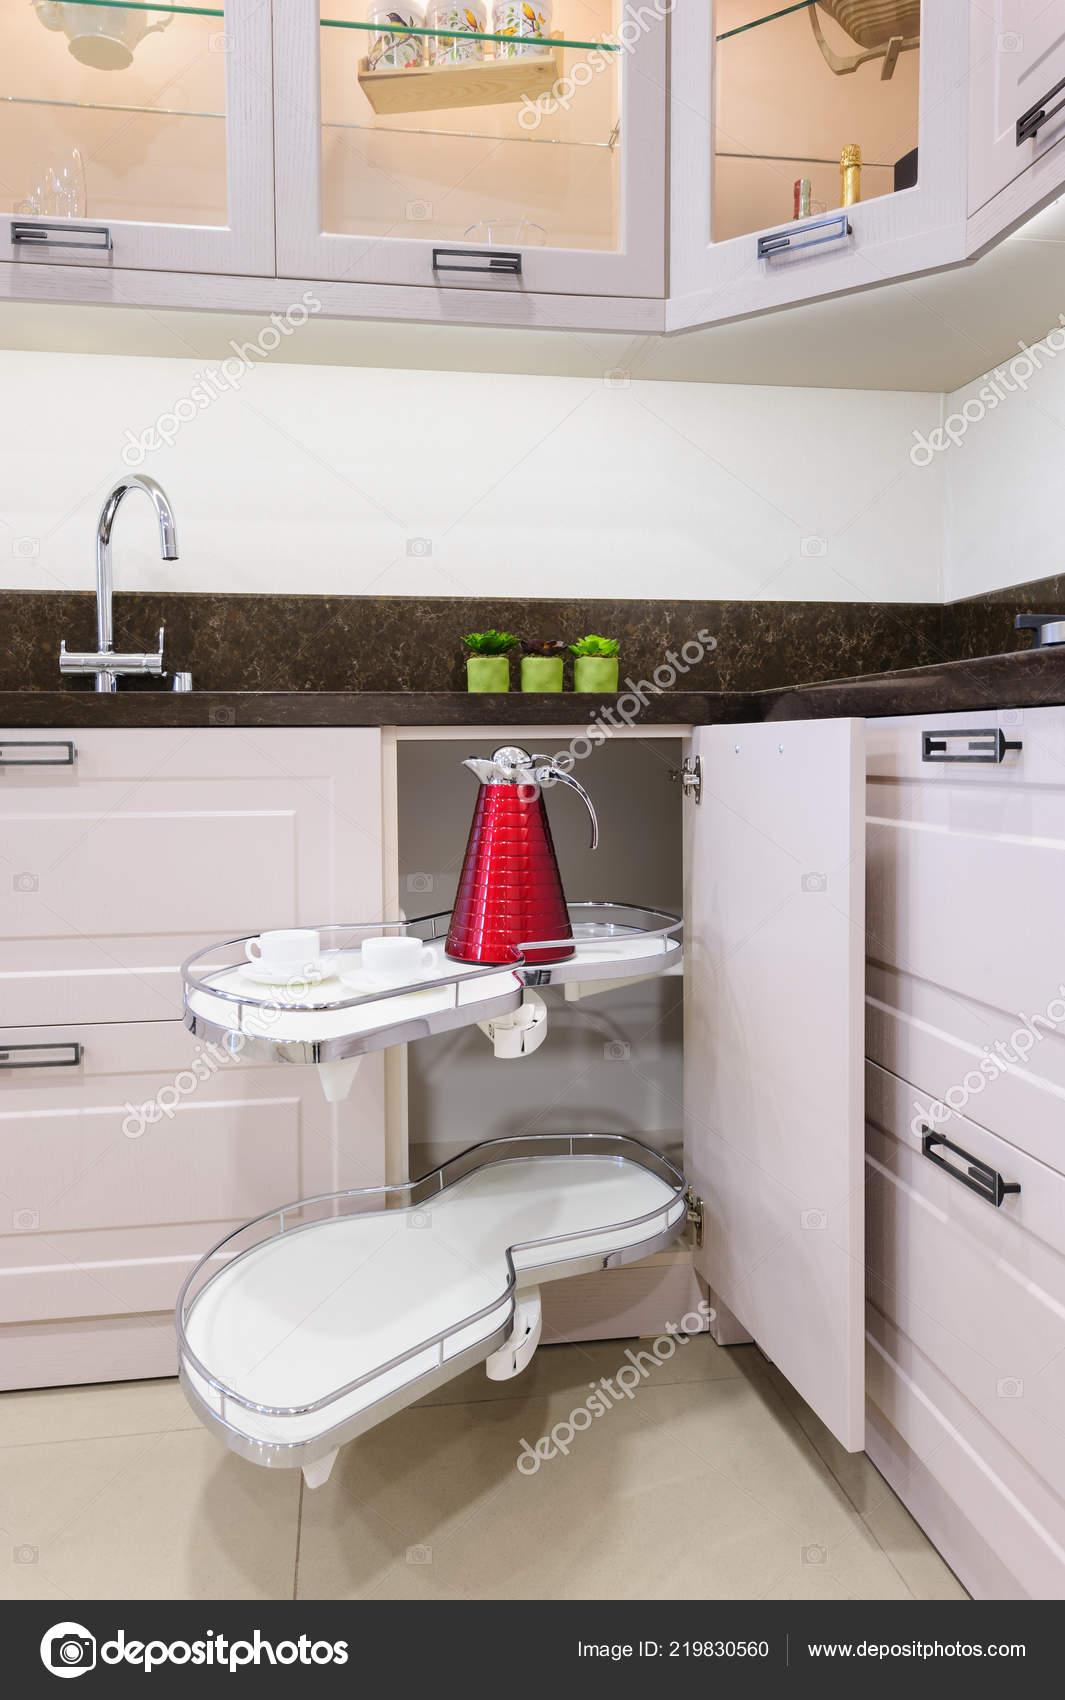 Full Size of Einbauküche Ohne Kühlschrank Küche Jalousieschrank Günstige Mit E Geräten Schrankküche Planen Kostenlos Musterküche Led Panel Kleiner Tisch Vinylboden Wohnzimmer Eckschränke Küche